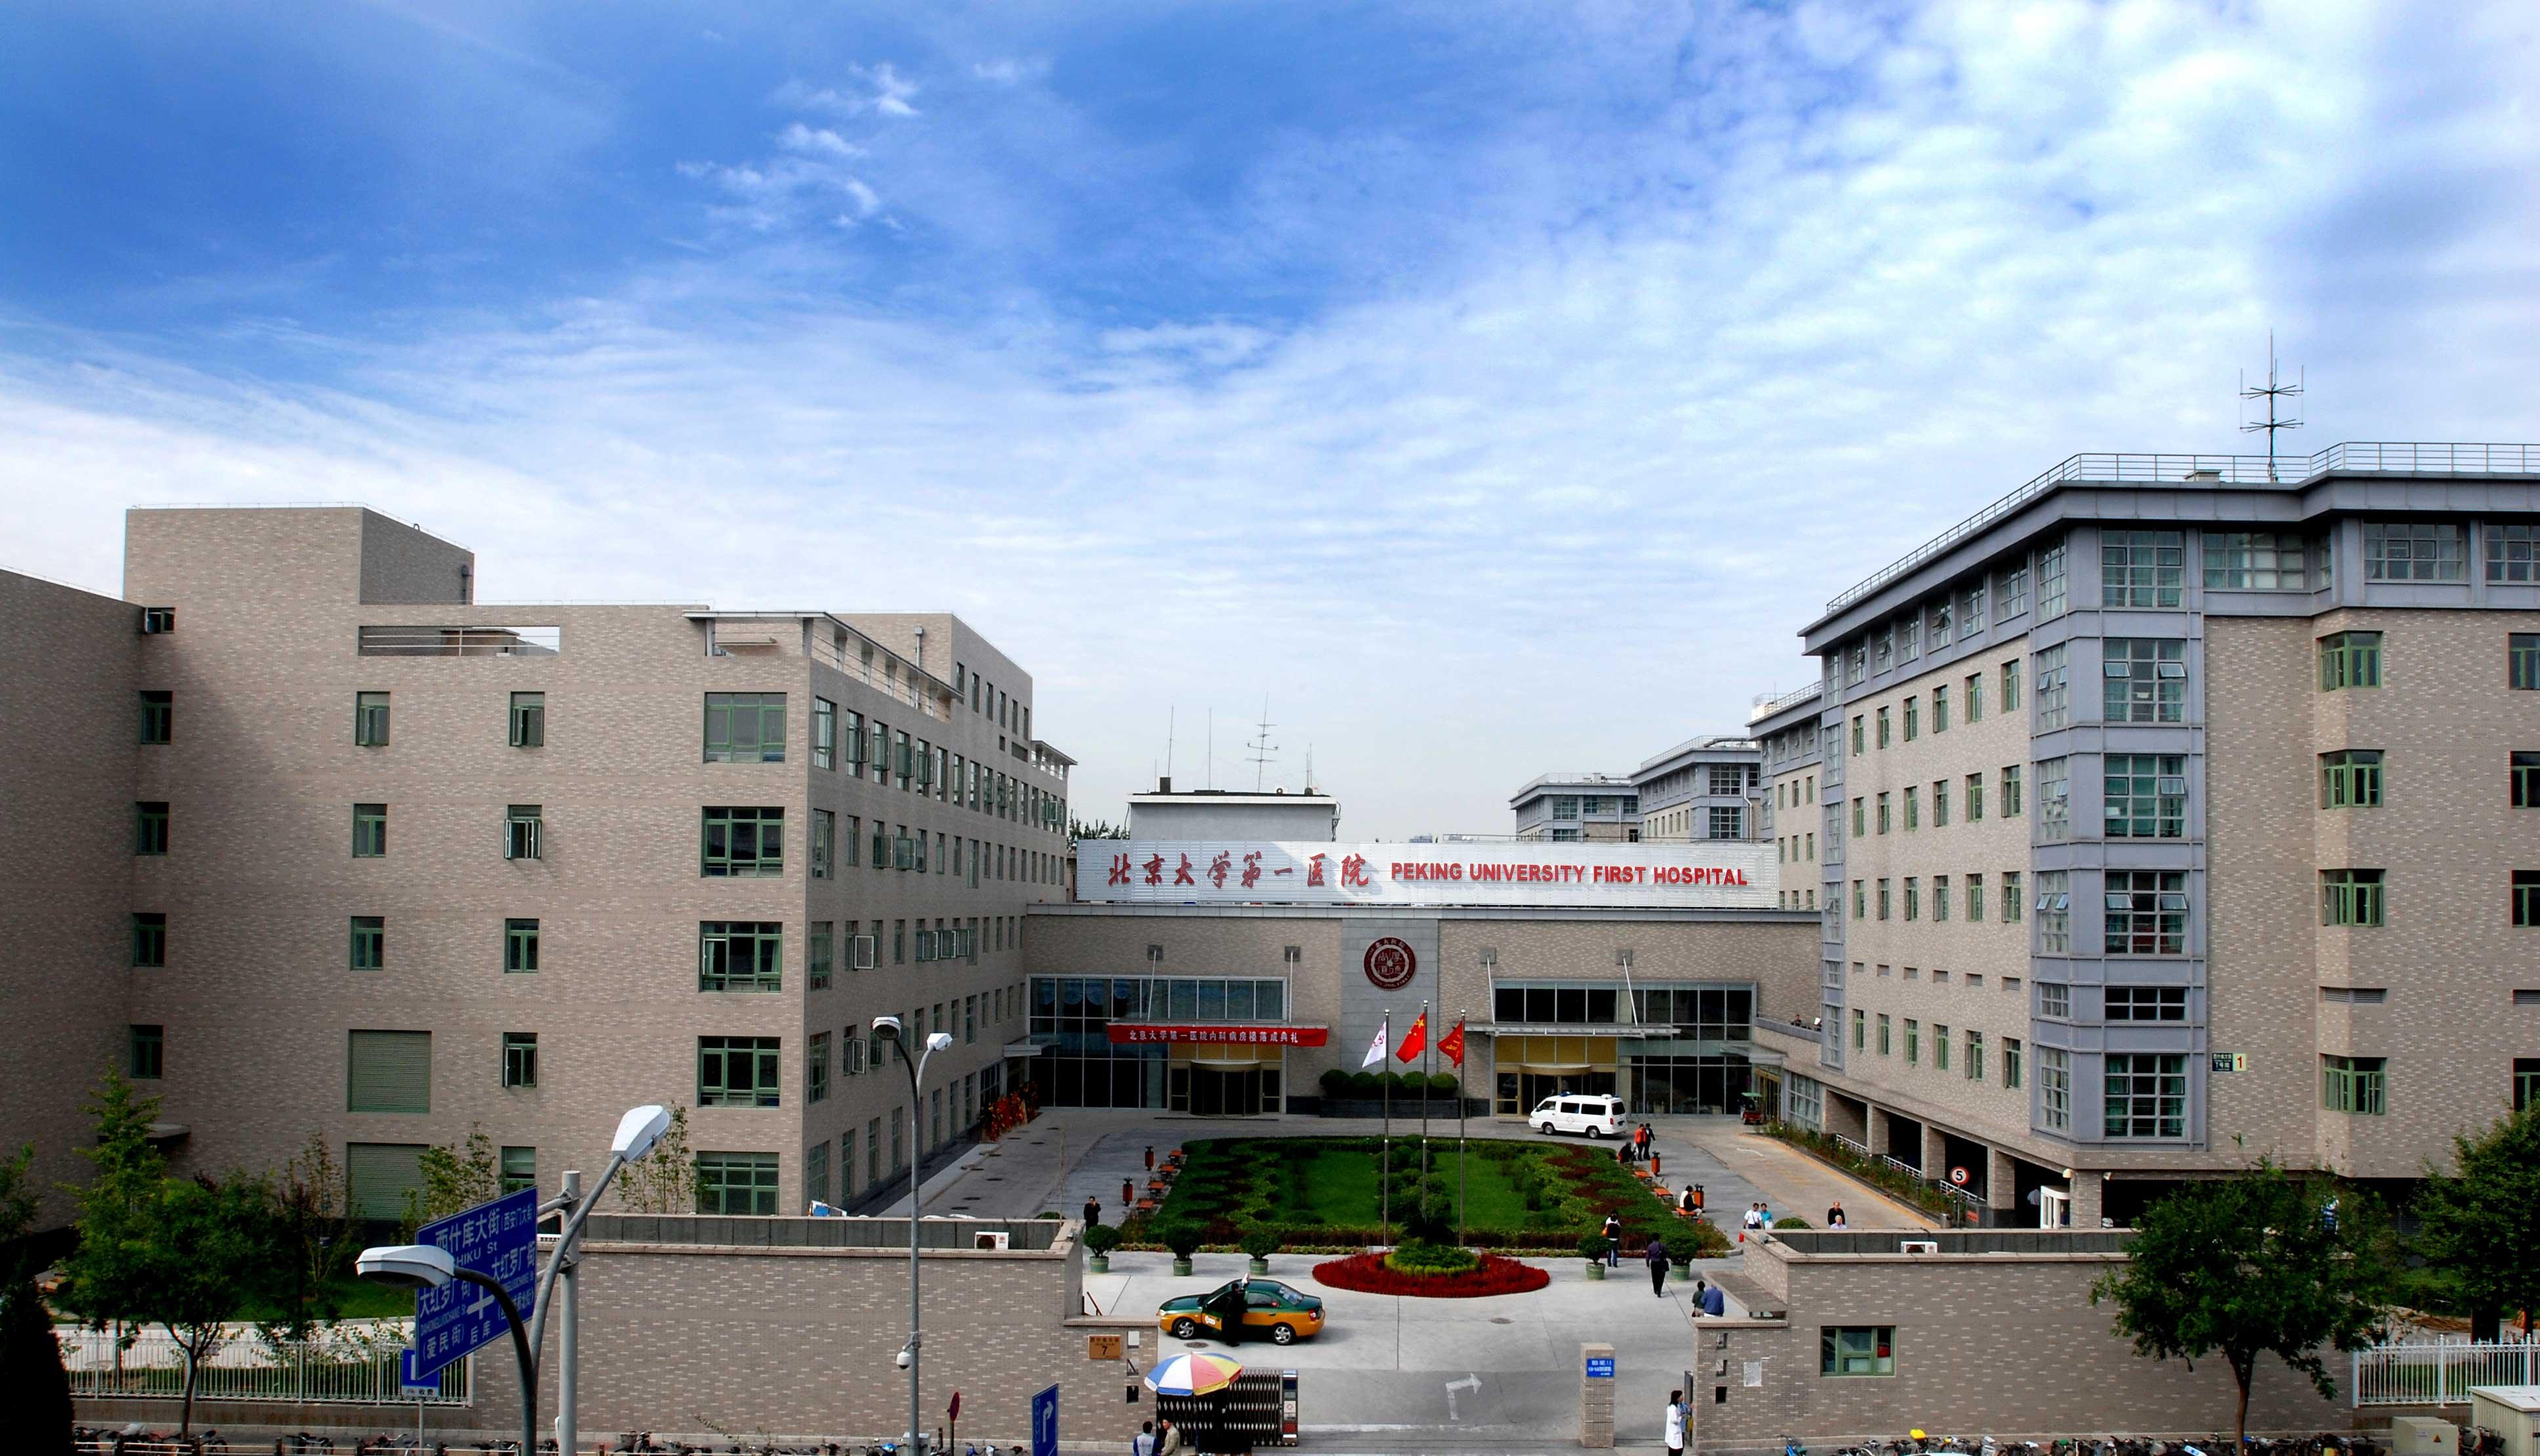 【项目投资】北京大学第一医院全生命周期项目管理平台